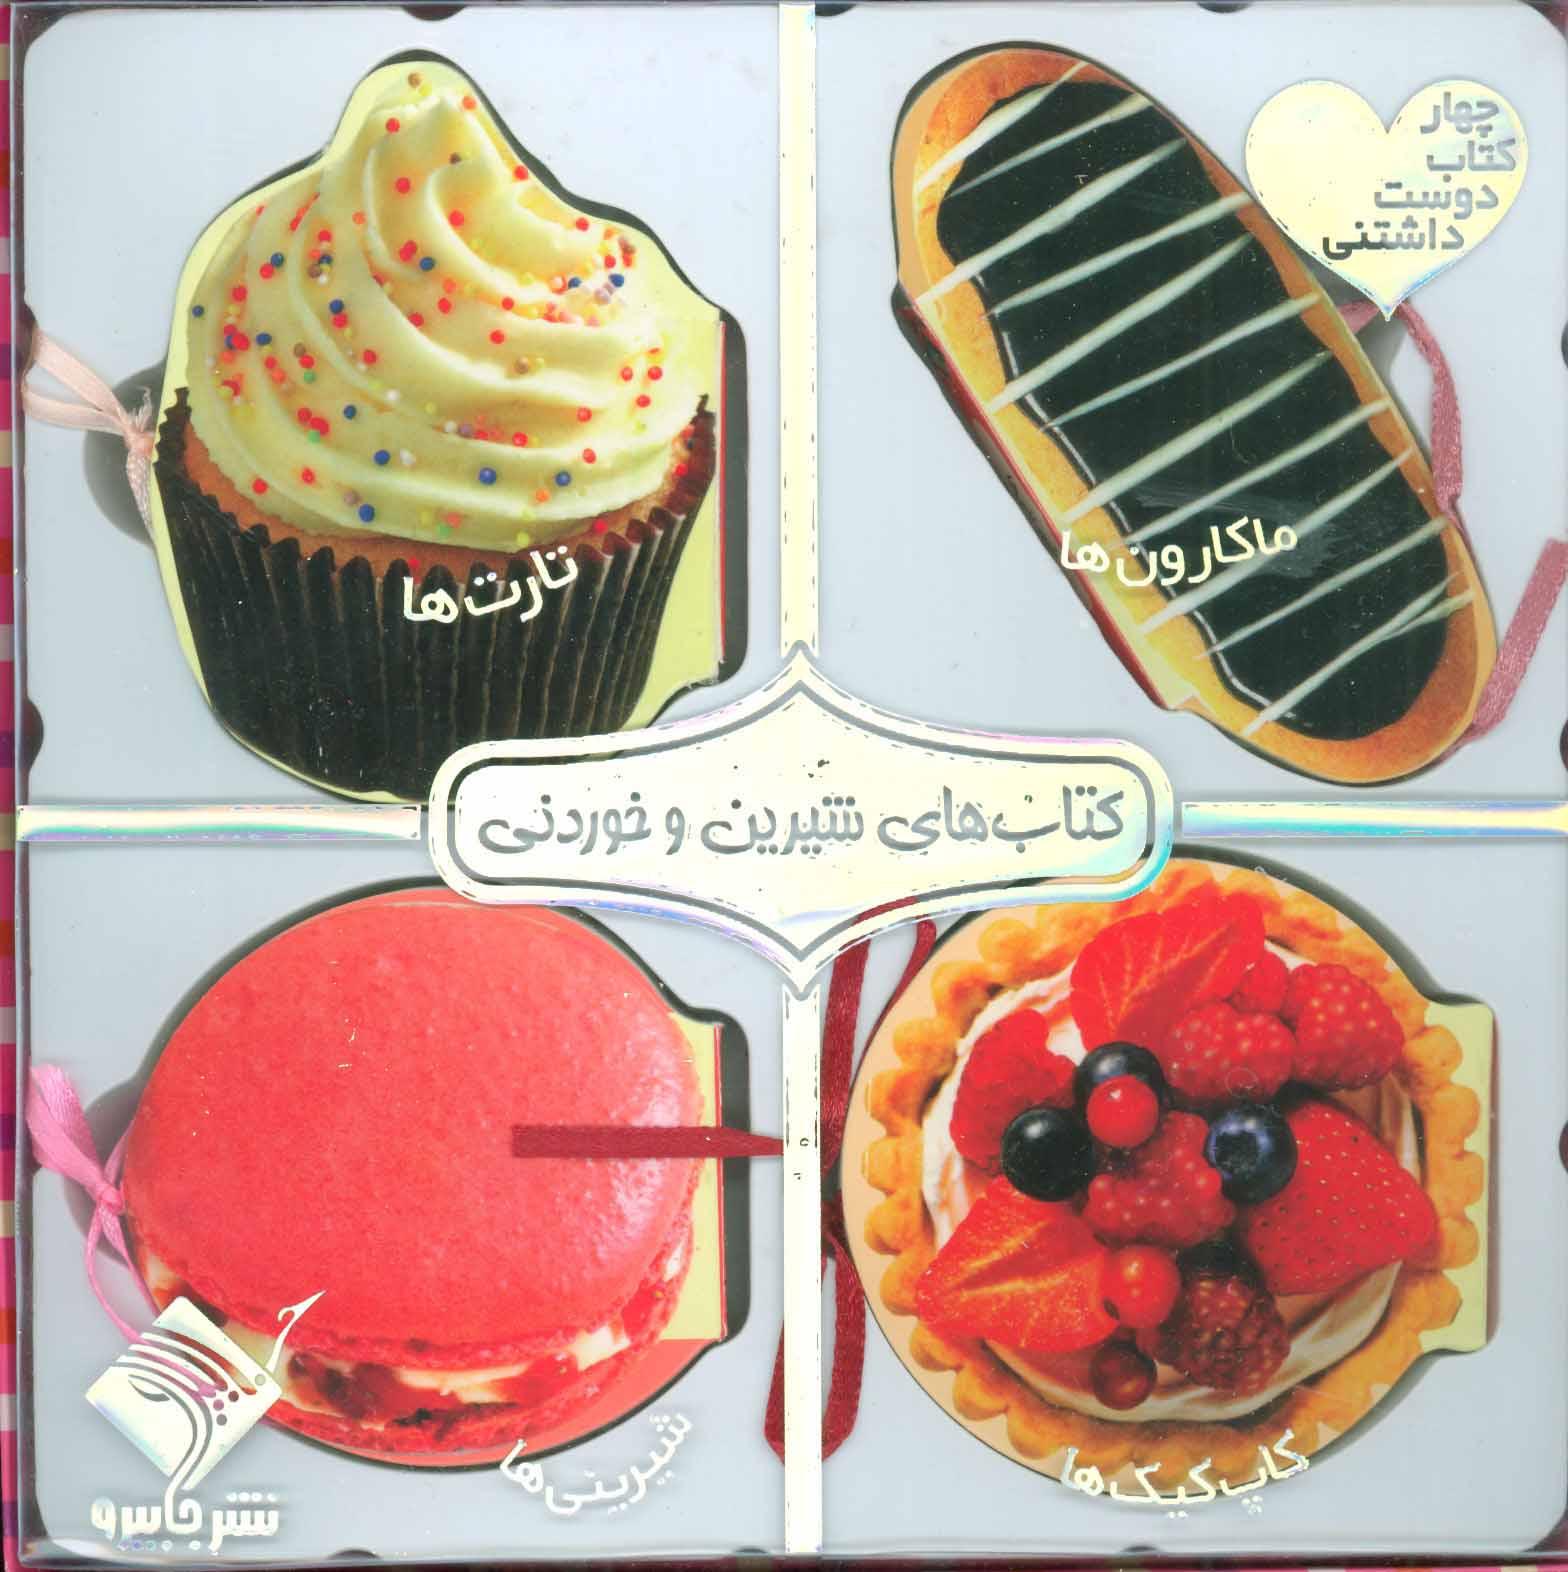 مجموعه کتاب های شیرین و خوردنی (ماکارون ها،تارت ها،کاپ کیک ها،شیرینی ها)،(مگنتی،گلاسه،باجعبه)